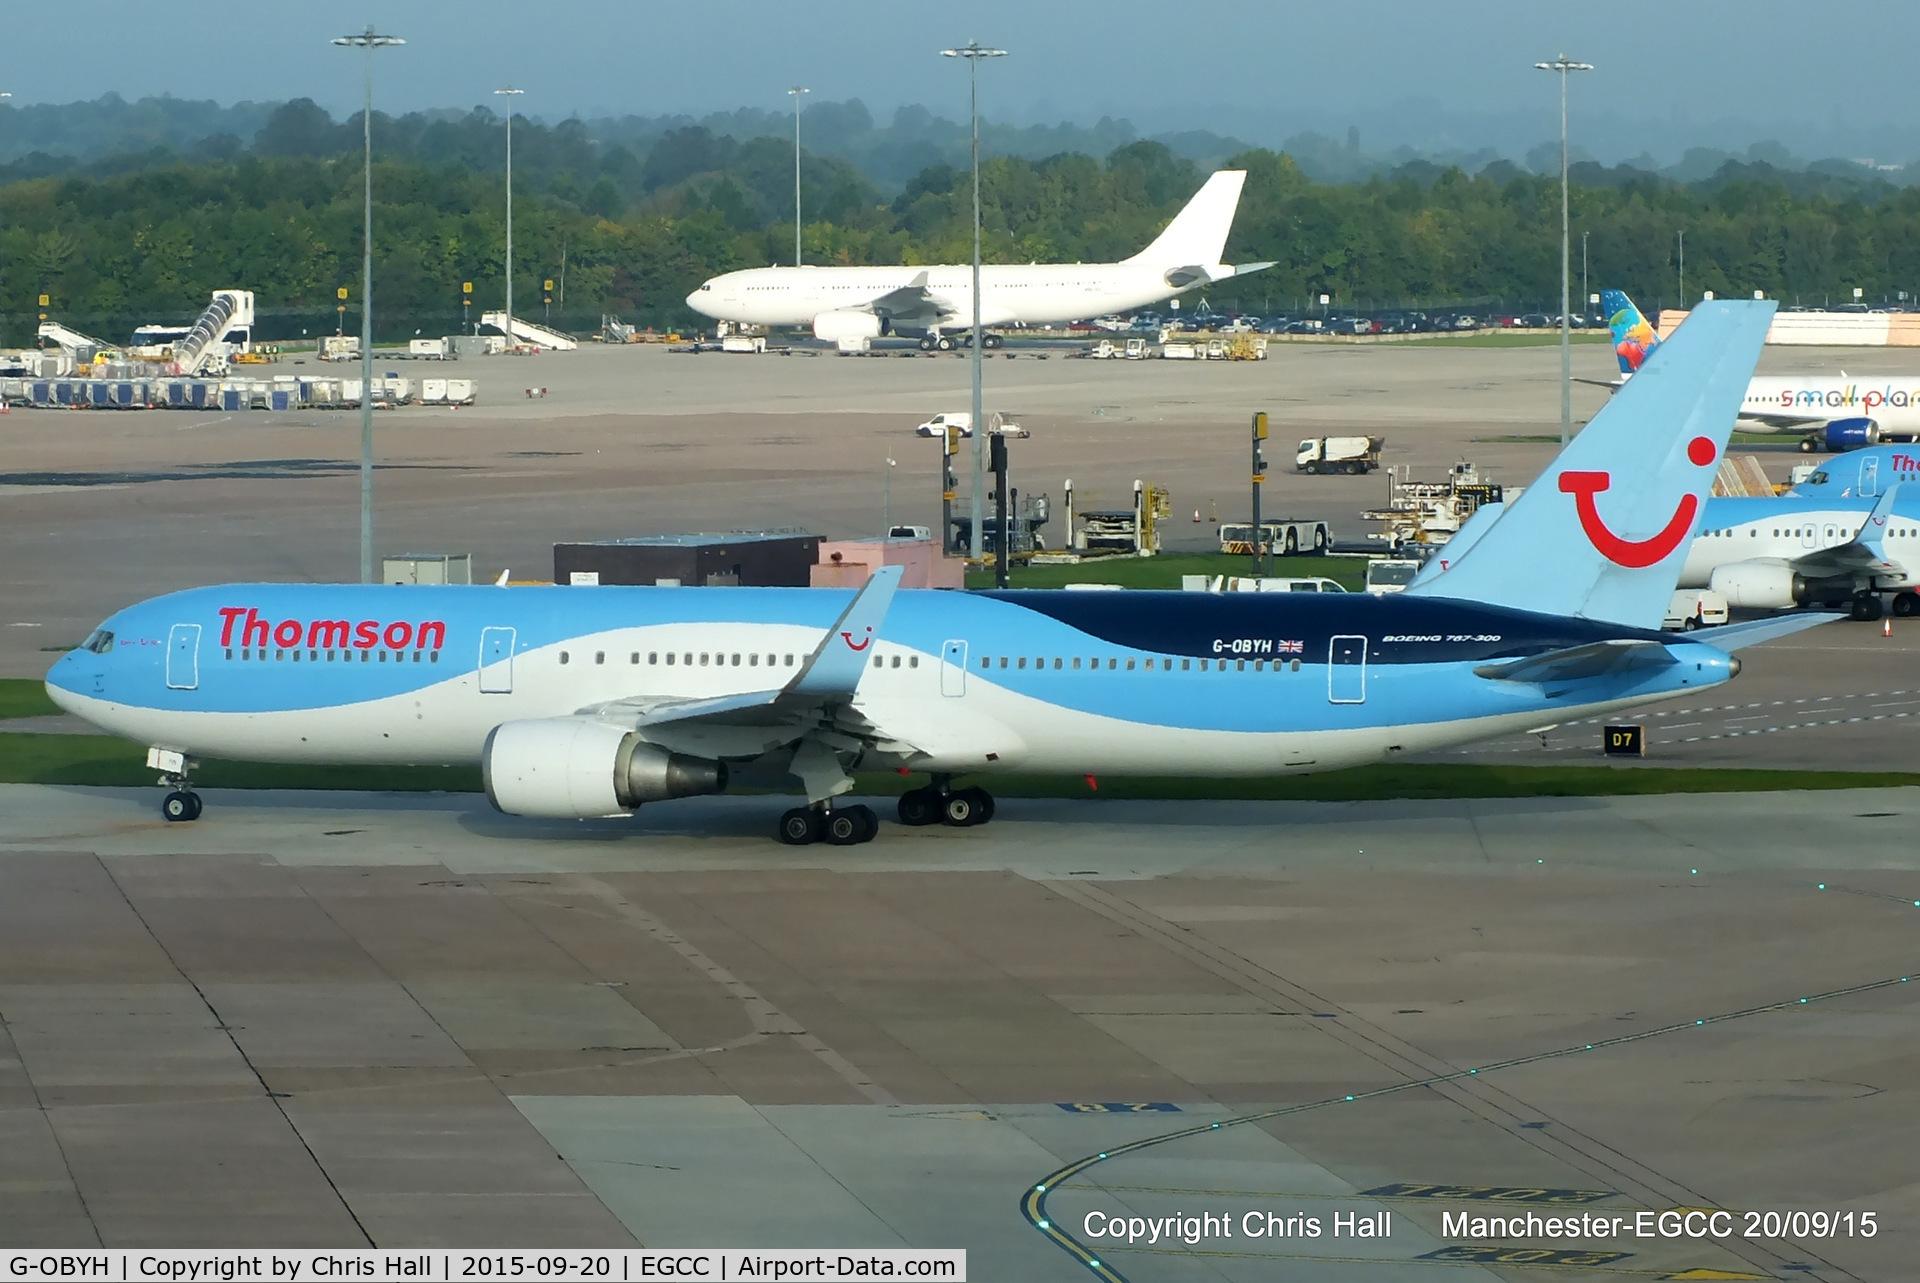 G-OBYH, 1999 Boeing 767-304/ER C/N 28883, Thomson